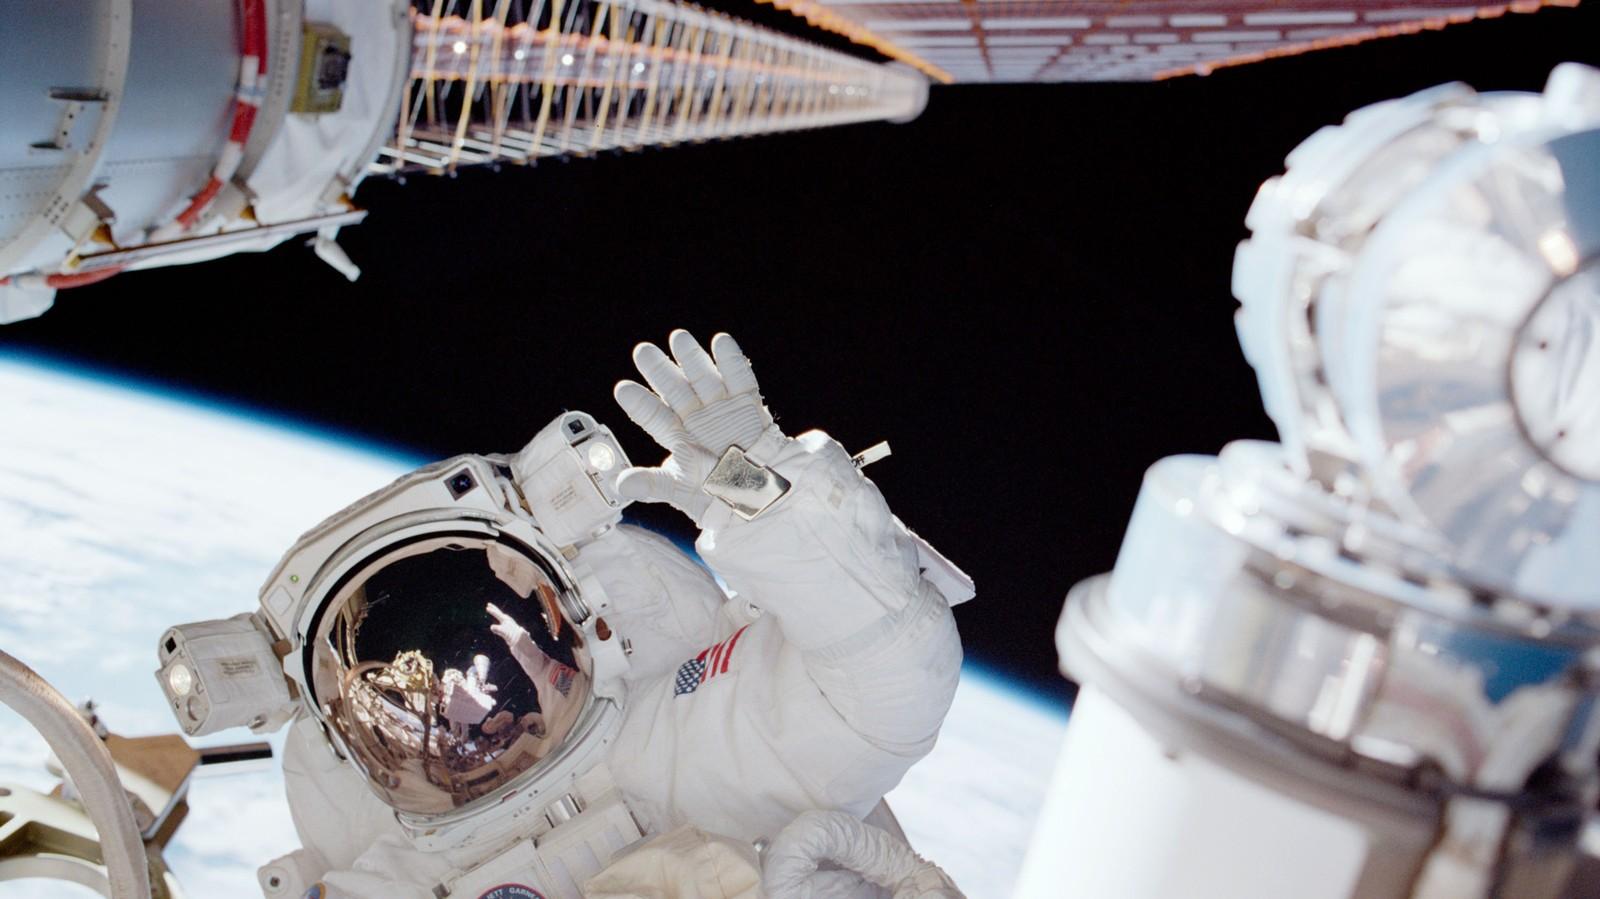 Why Astronauts Burn Their Dirty Underwear